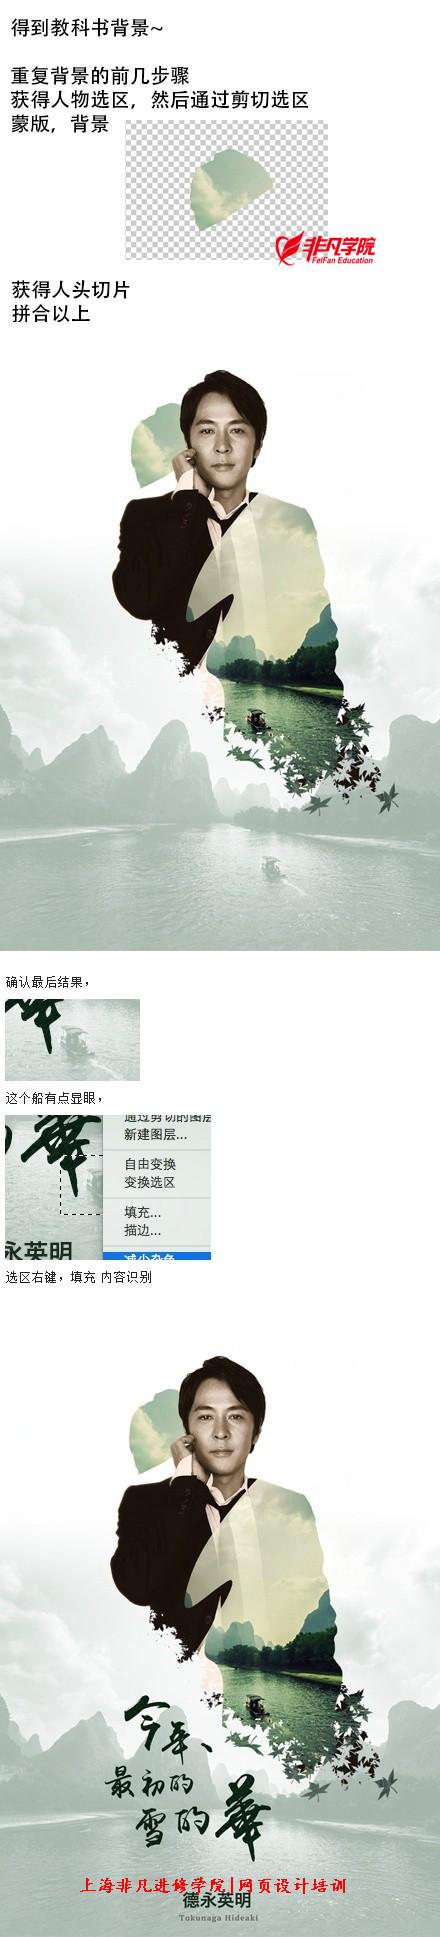 老师用photoshop制作双重曝光的宣传海报教程